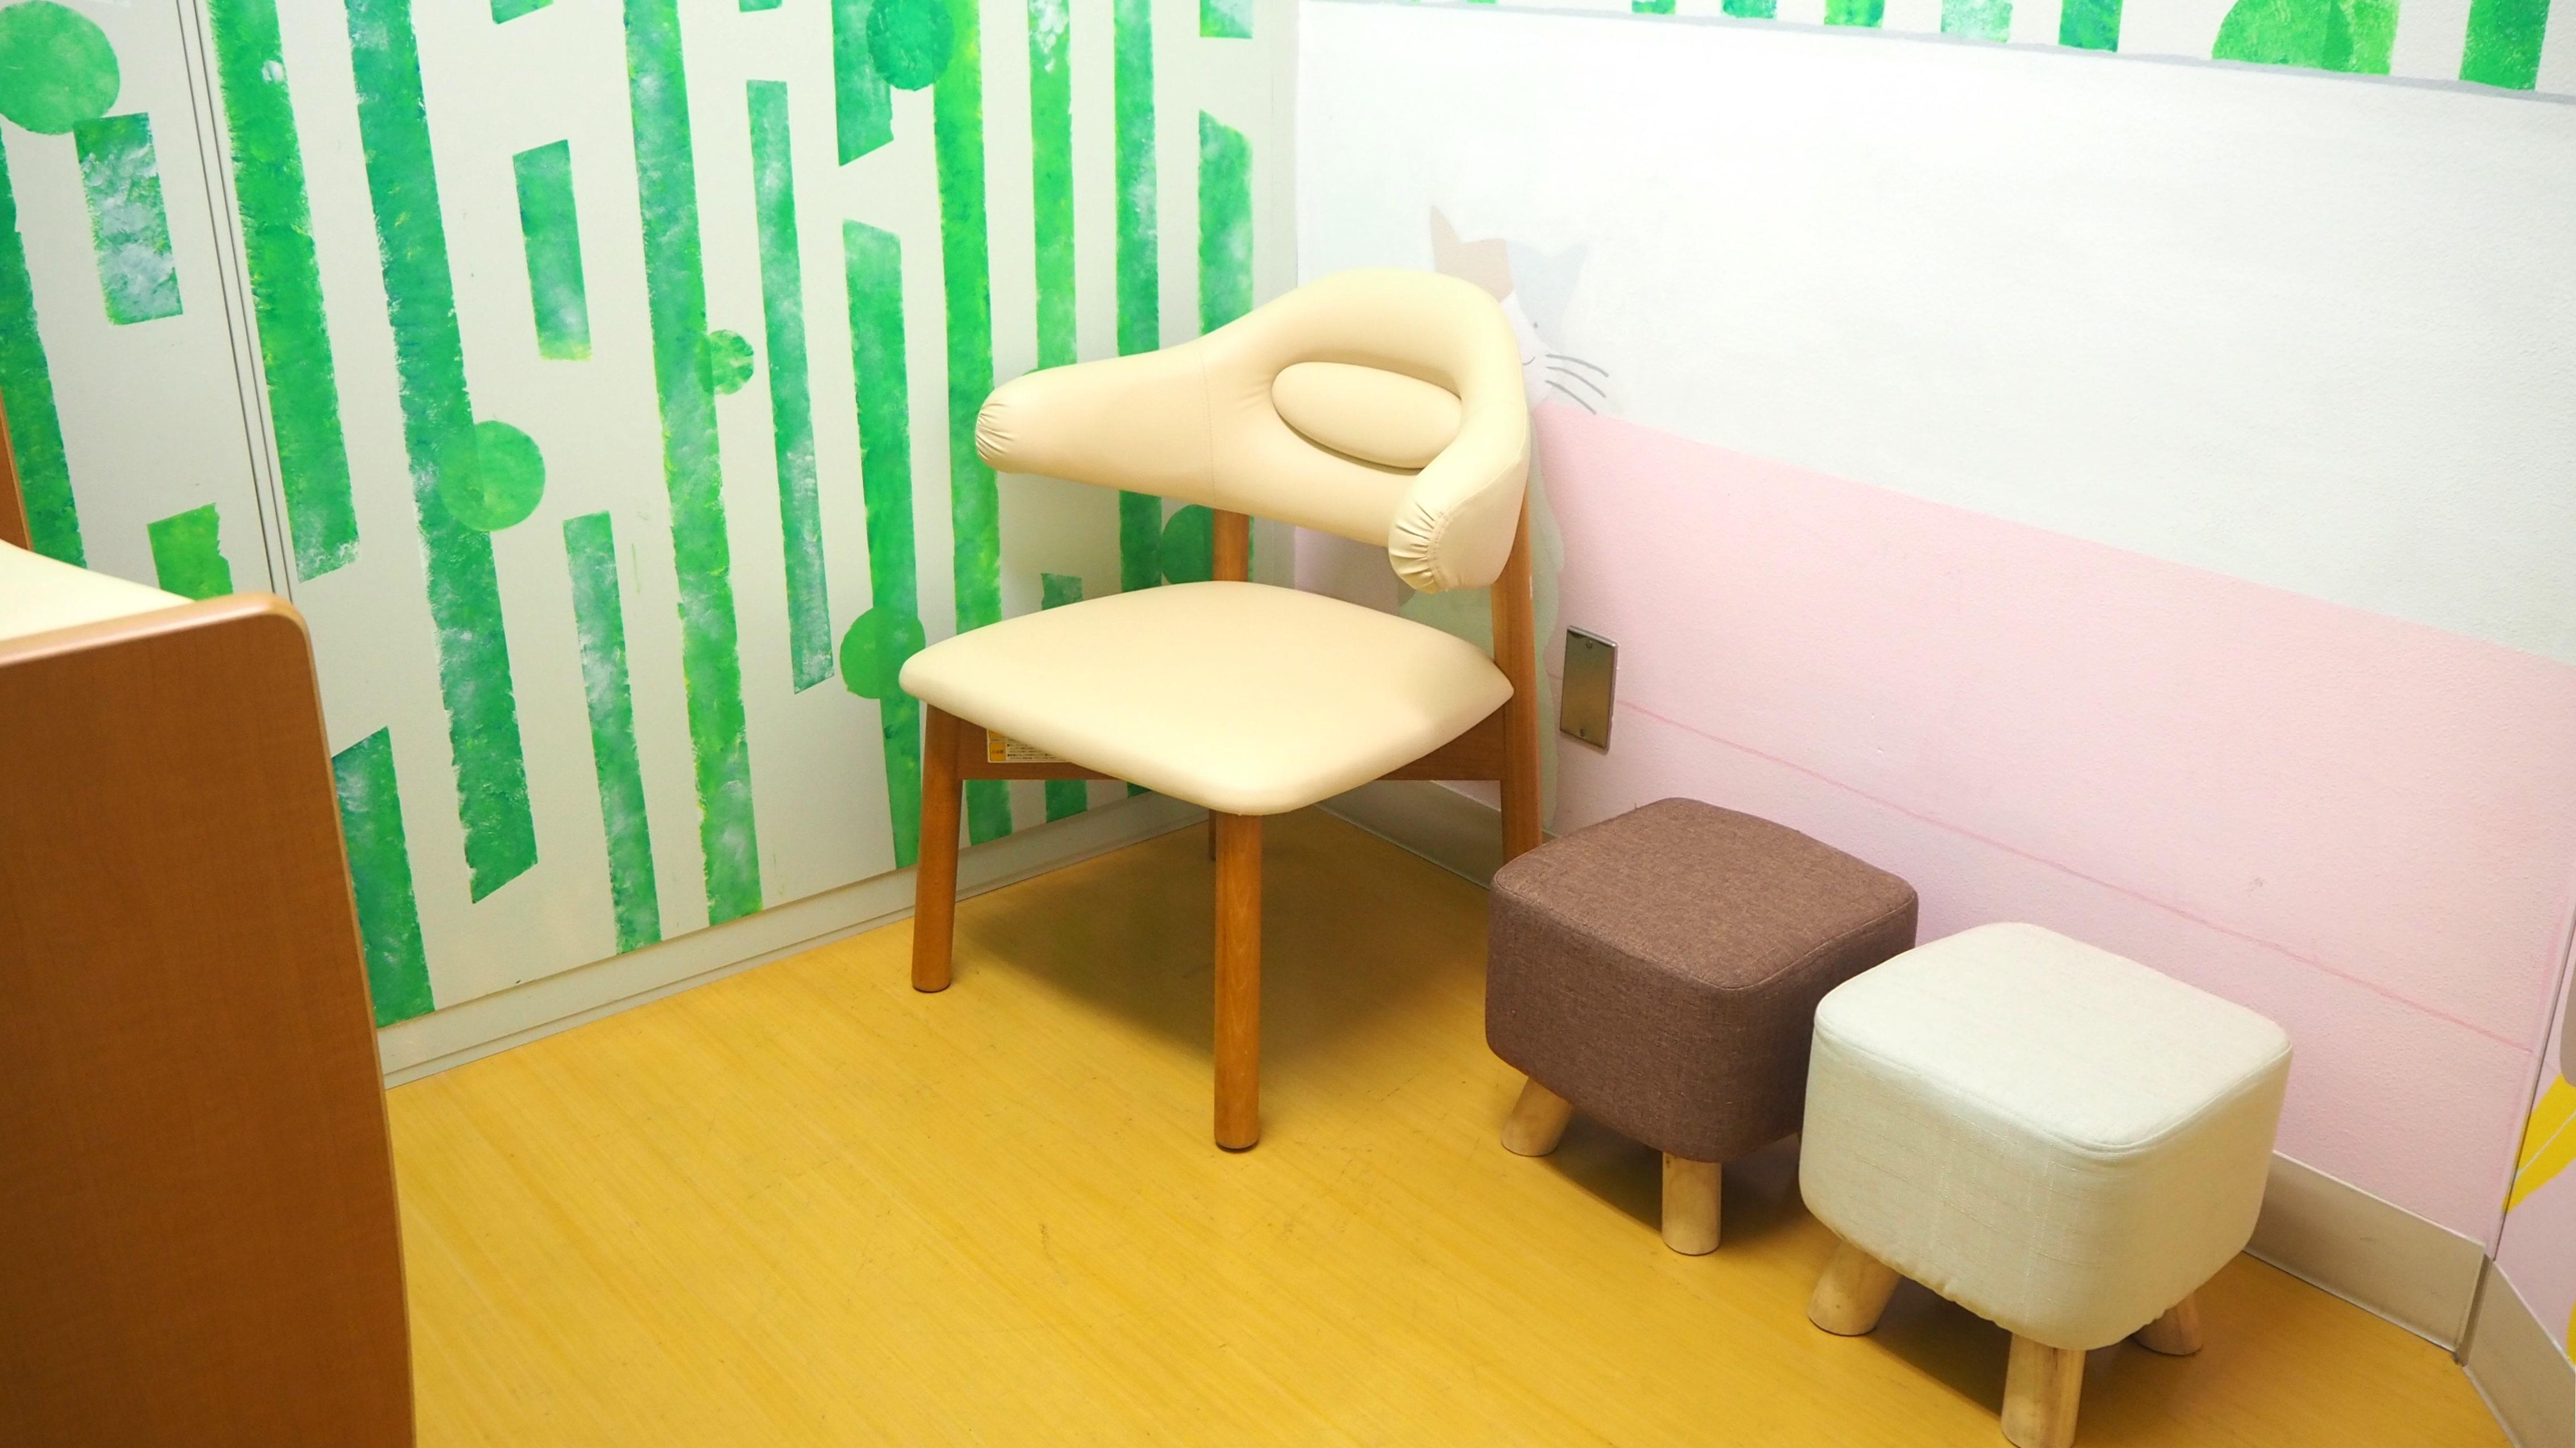 赤ちゃん連れのおでかけに!名古屋駅周辺の授乳室情報まとめ - junyu2